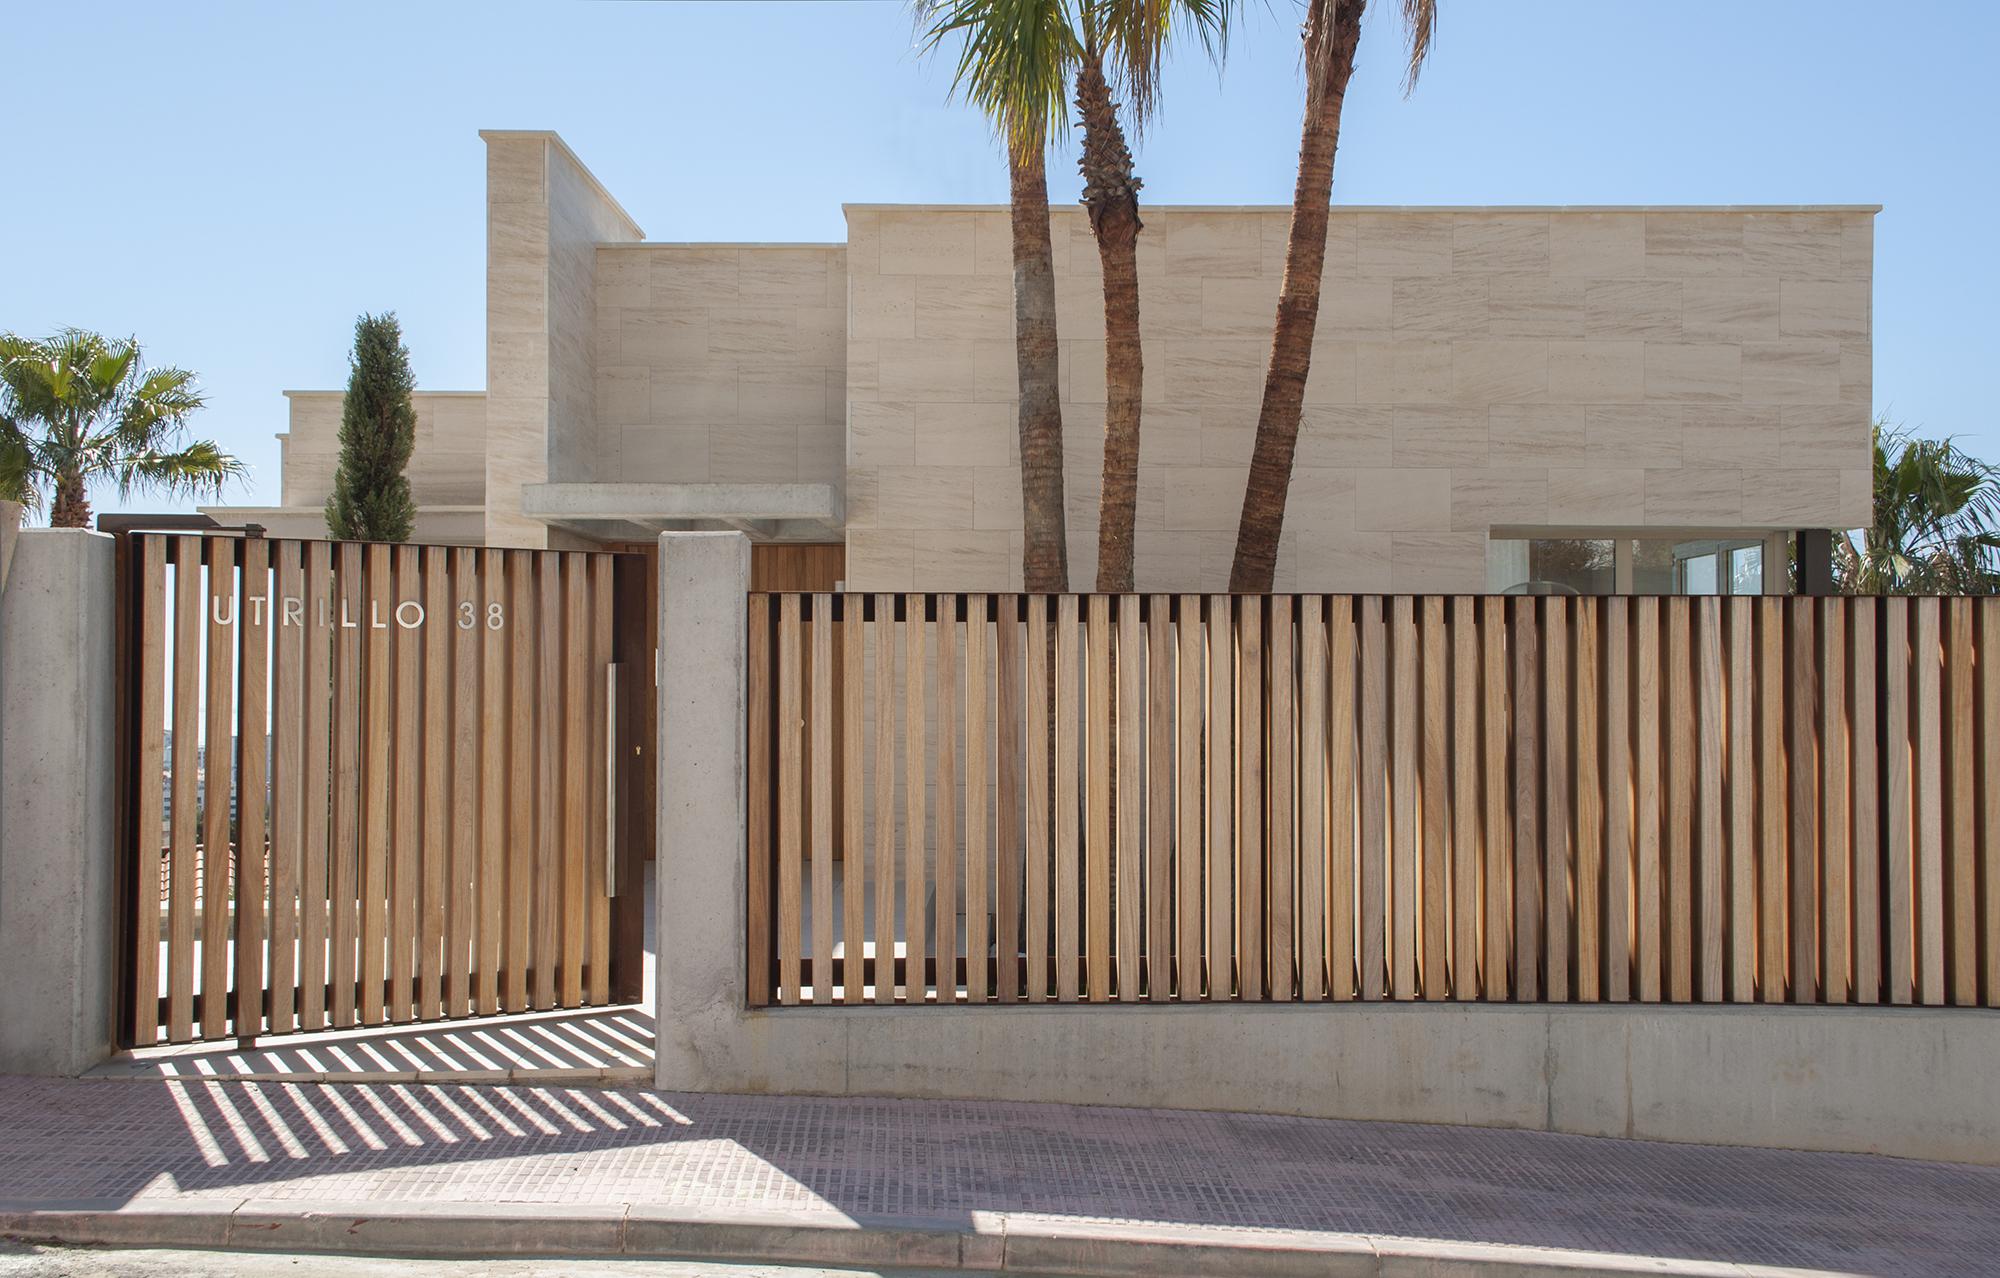 1-rardo-architects-casas-en-sitges-fachada-entrada-valla-de-madera-copia